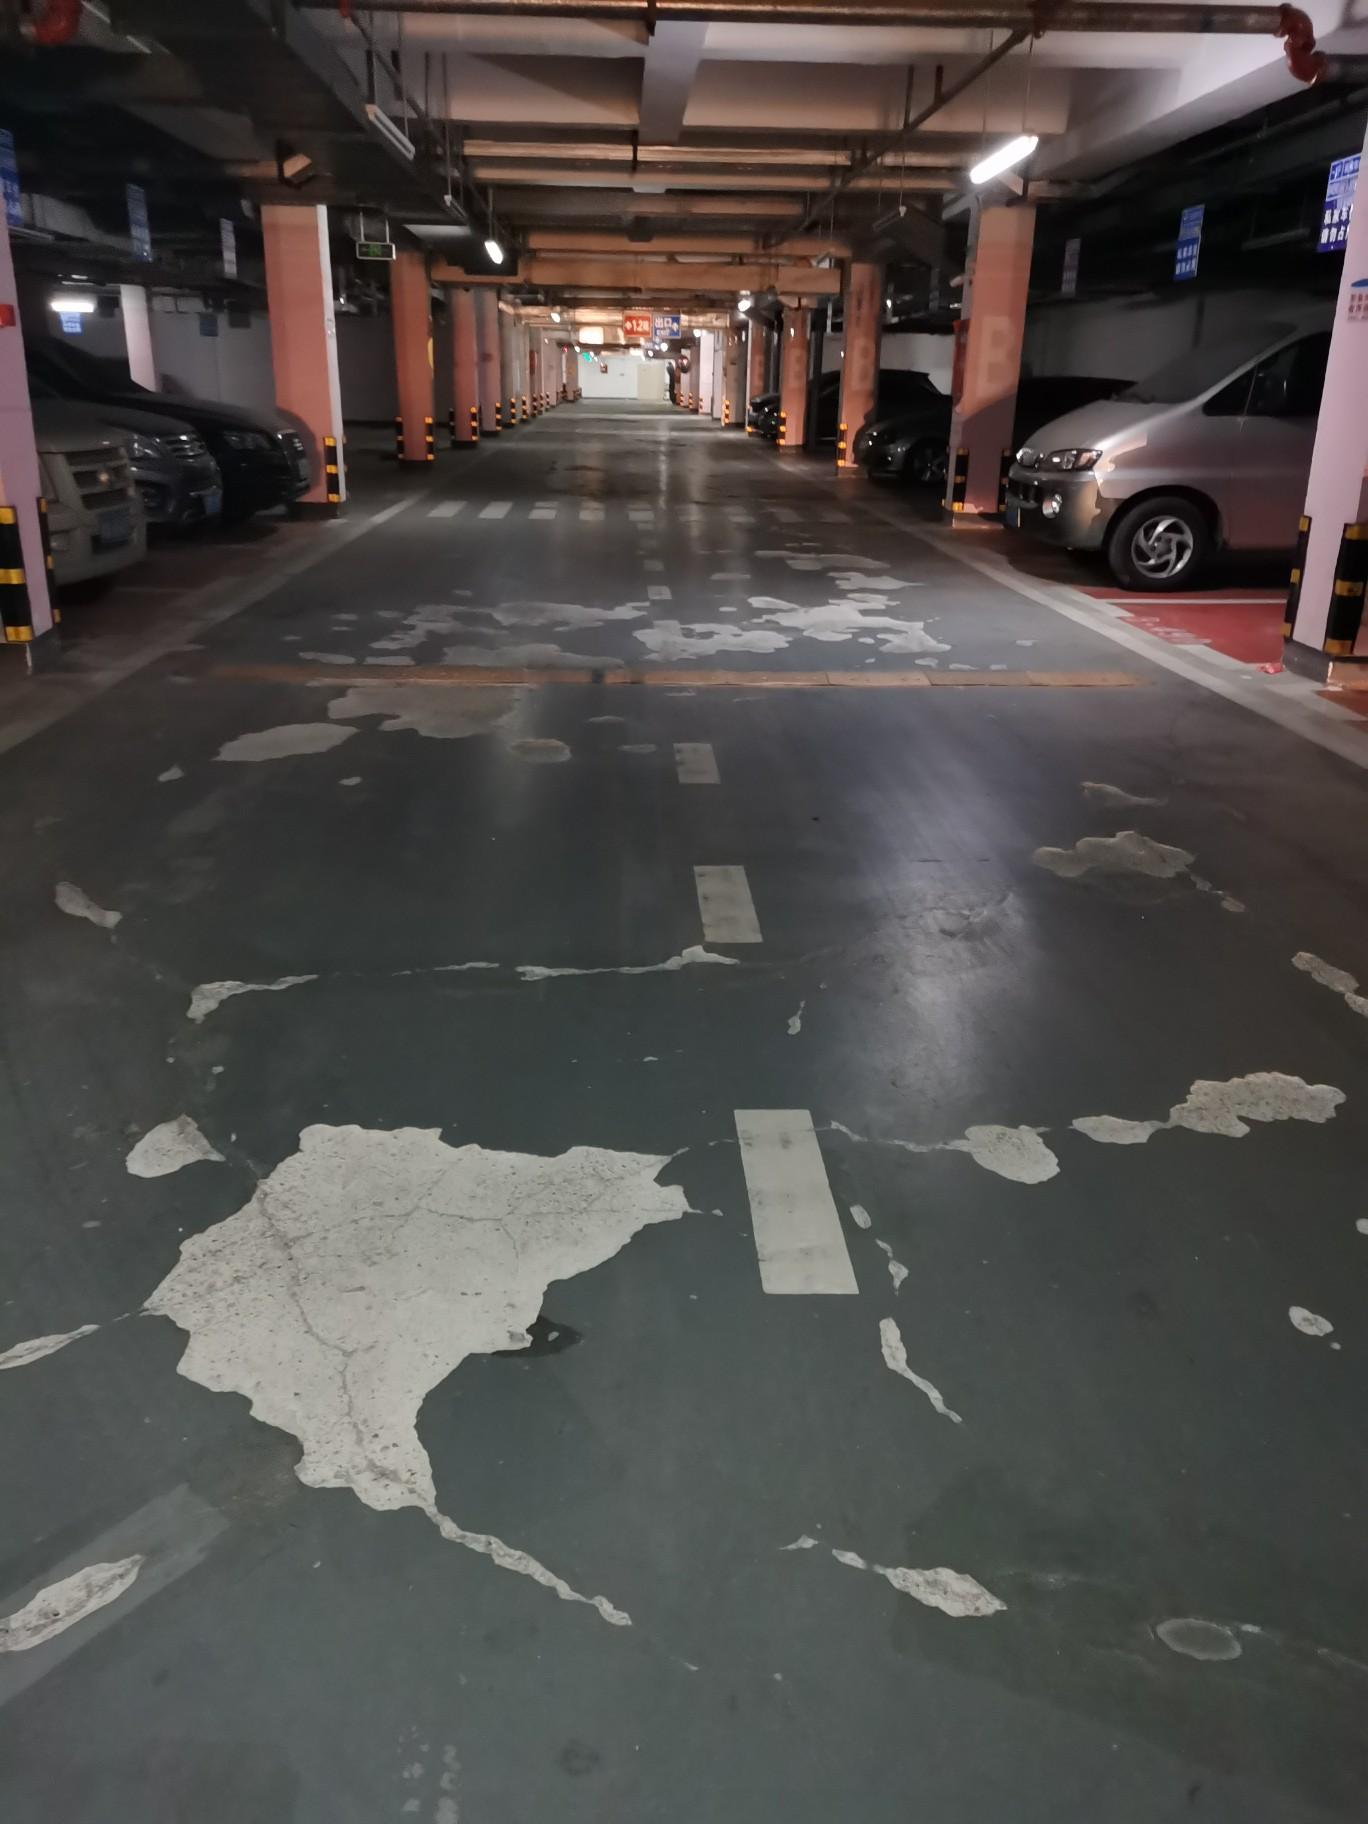 大豐綠地城地下車庫豆腐渣工程 - 成都市市長羅強 - 成都市 - 四川省 - 領導留言板 - 人民網